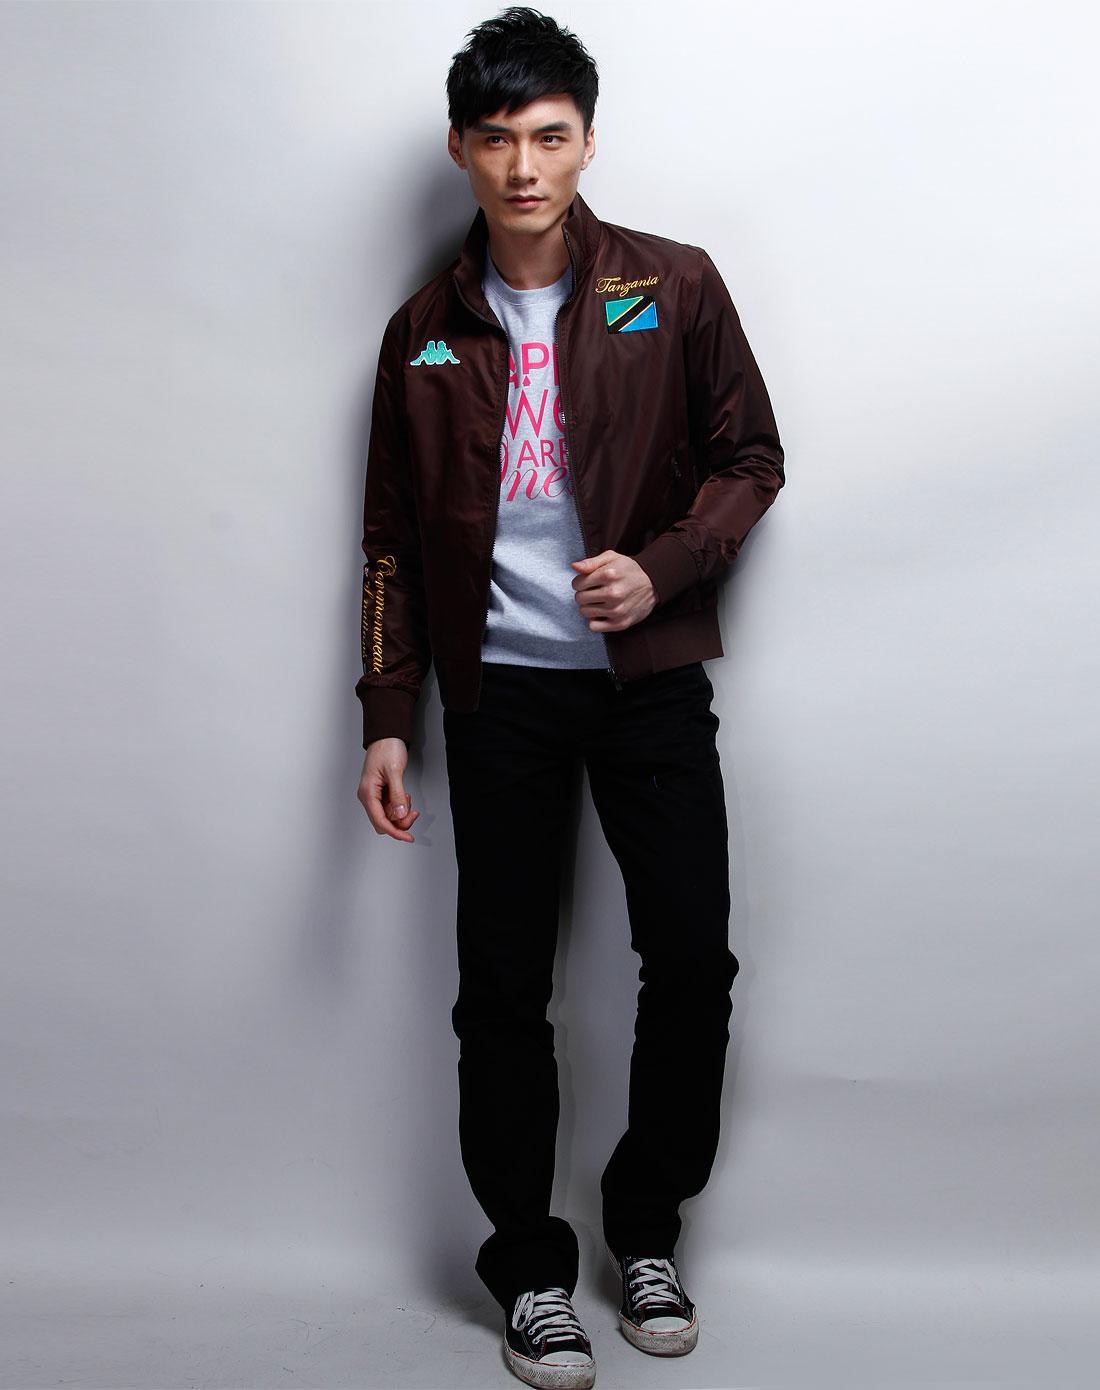 卡帕kappa男装专场-深棕色时尚长袖夹克